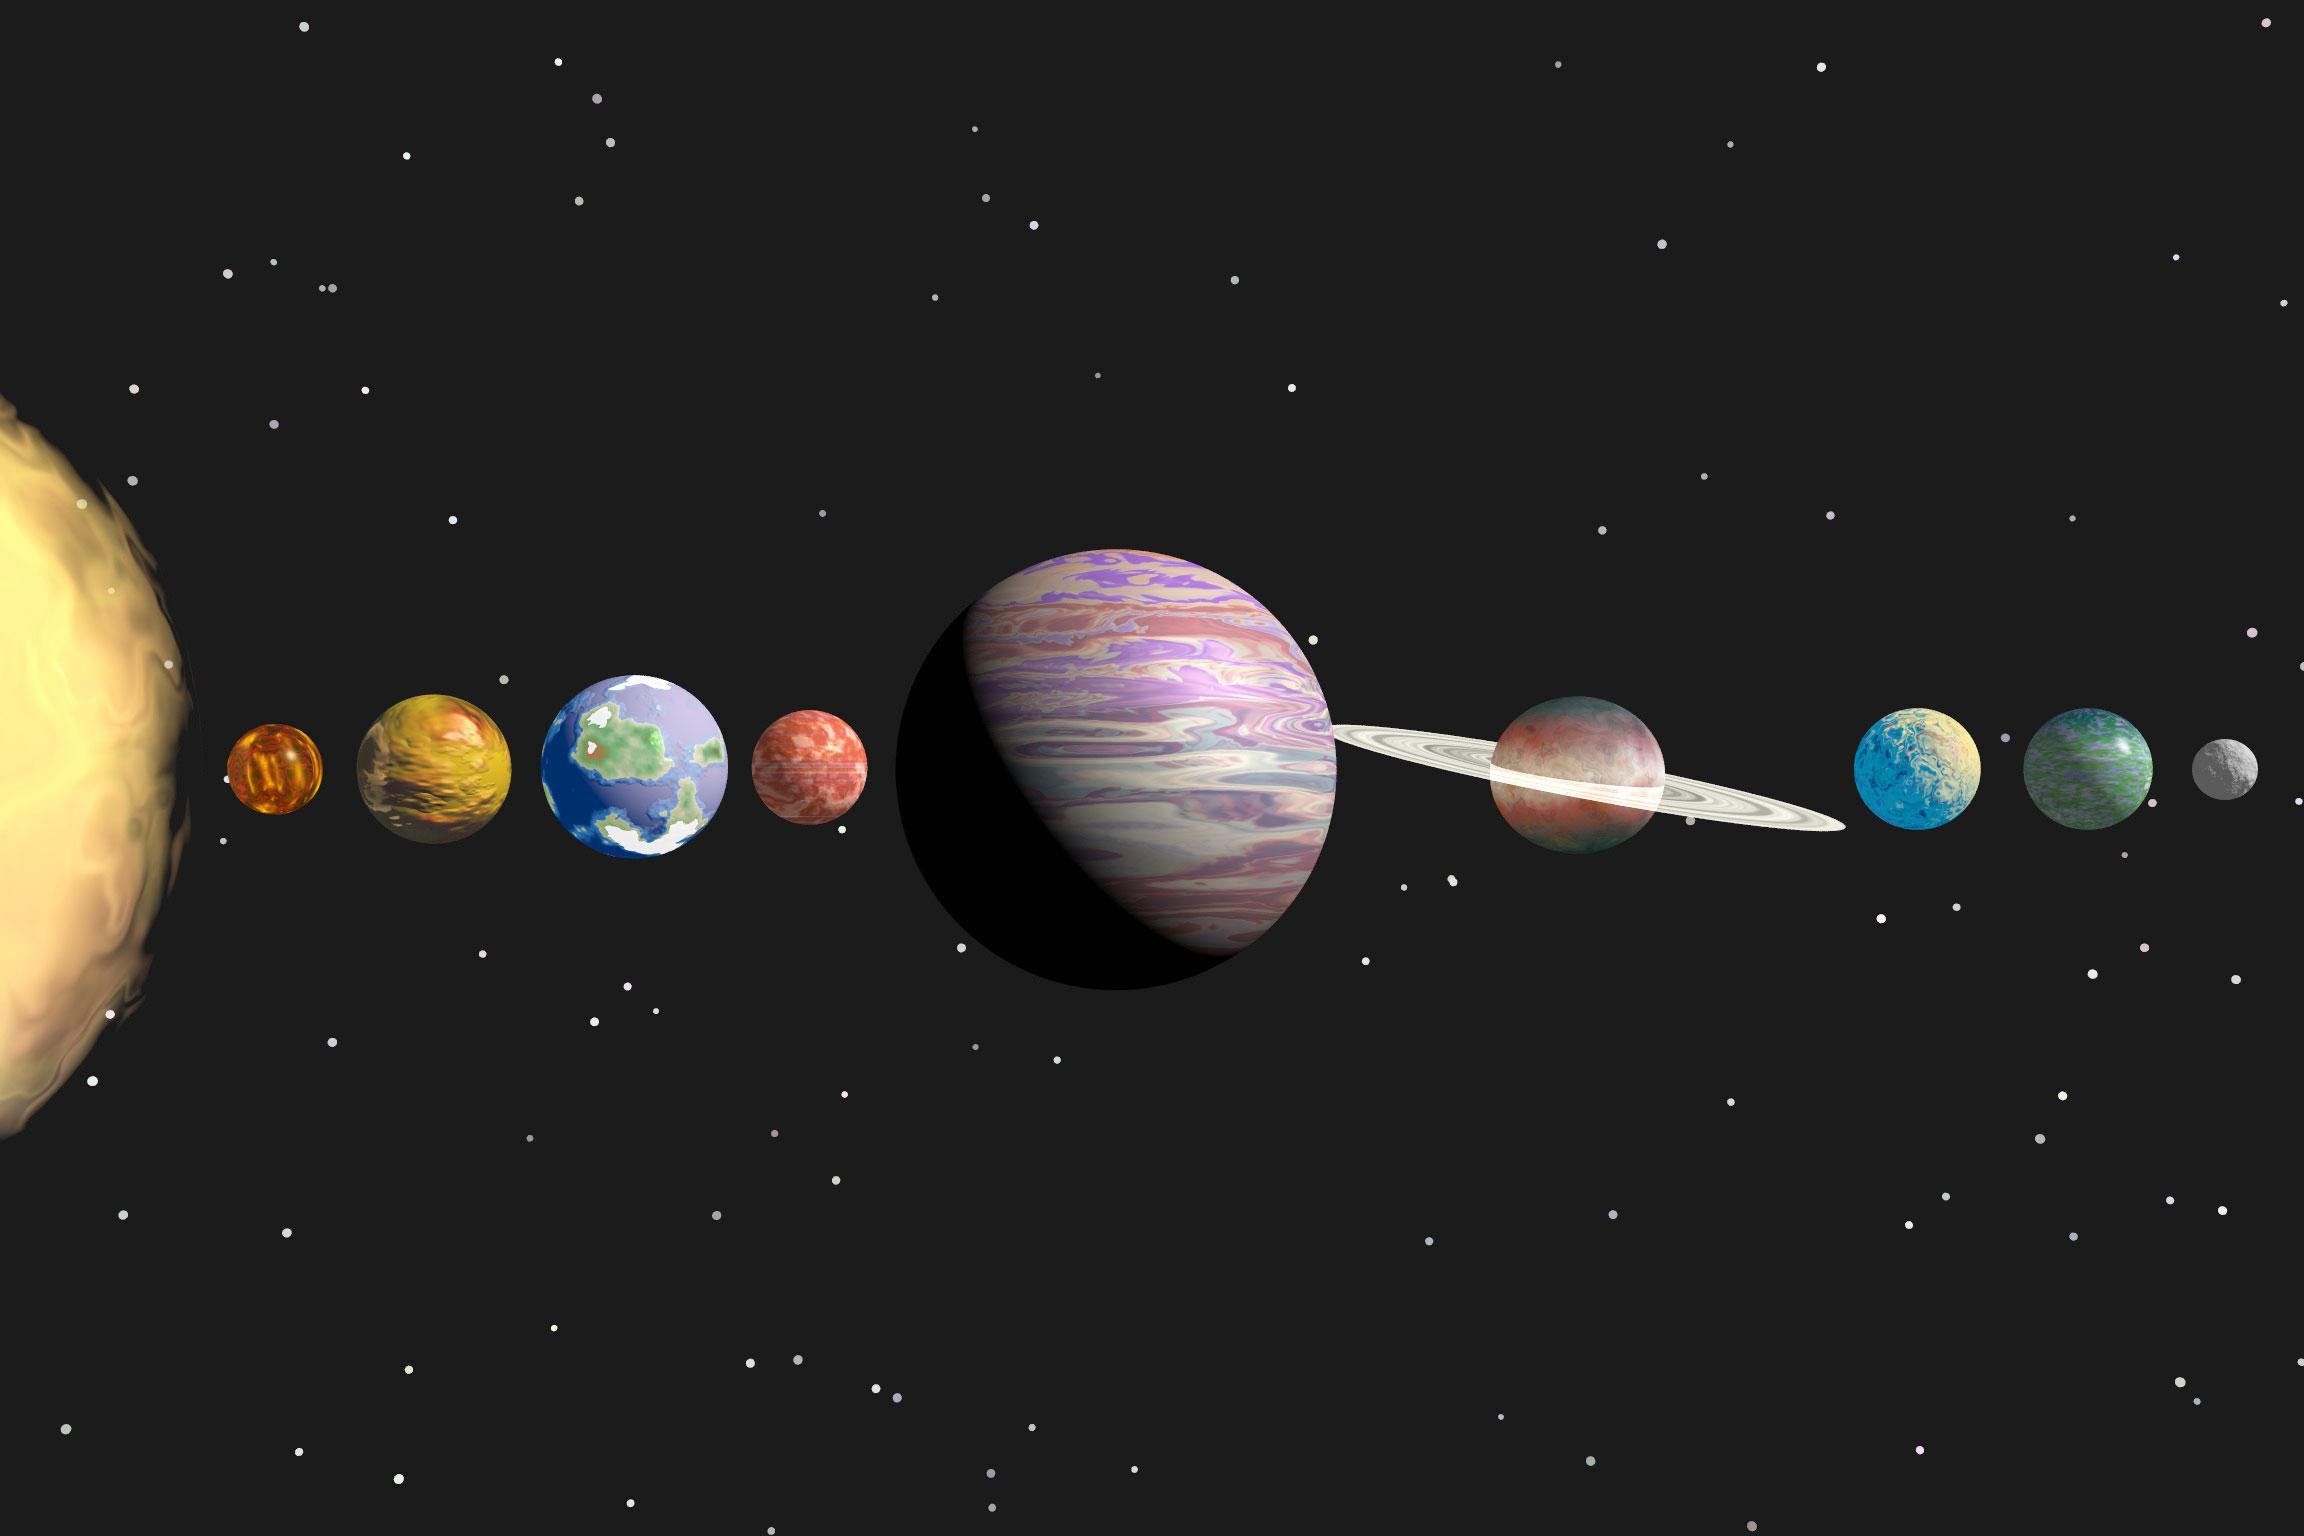 Allineamento planetario il 20 gennaio: non accadeva da 10 anni